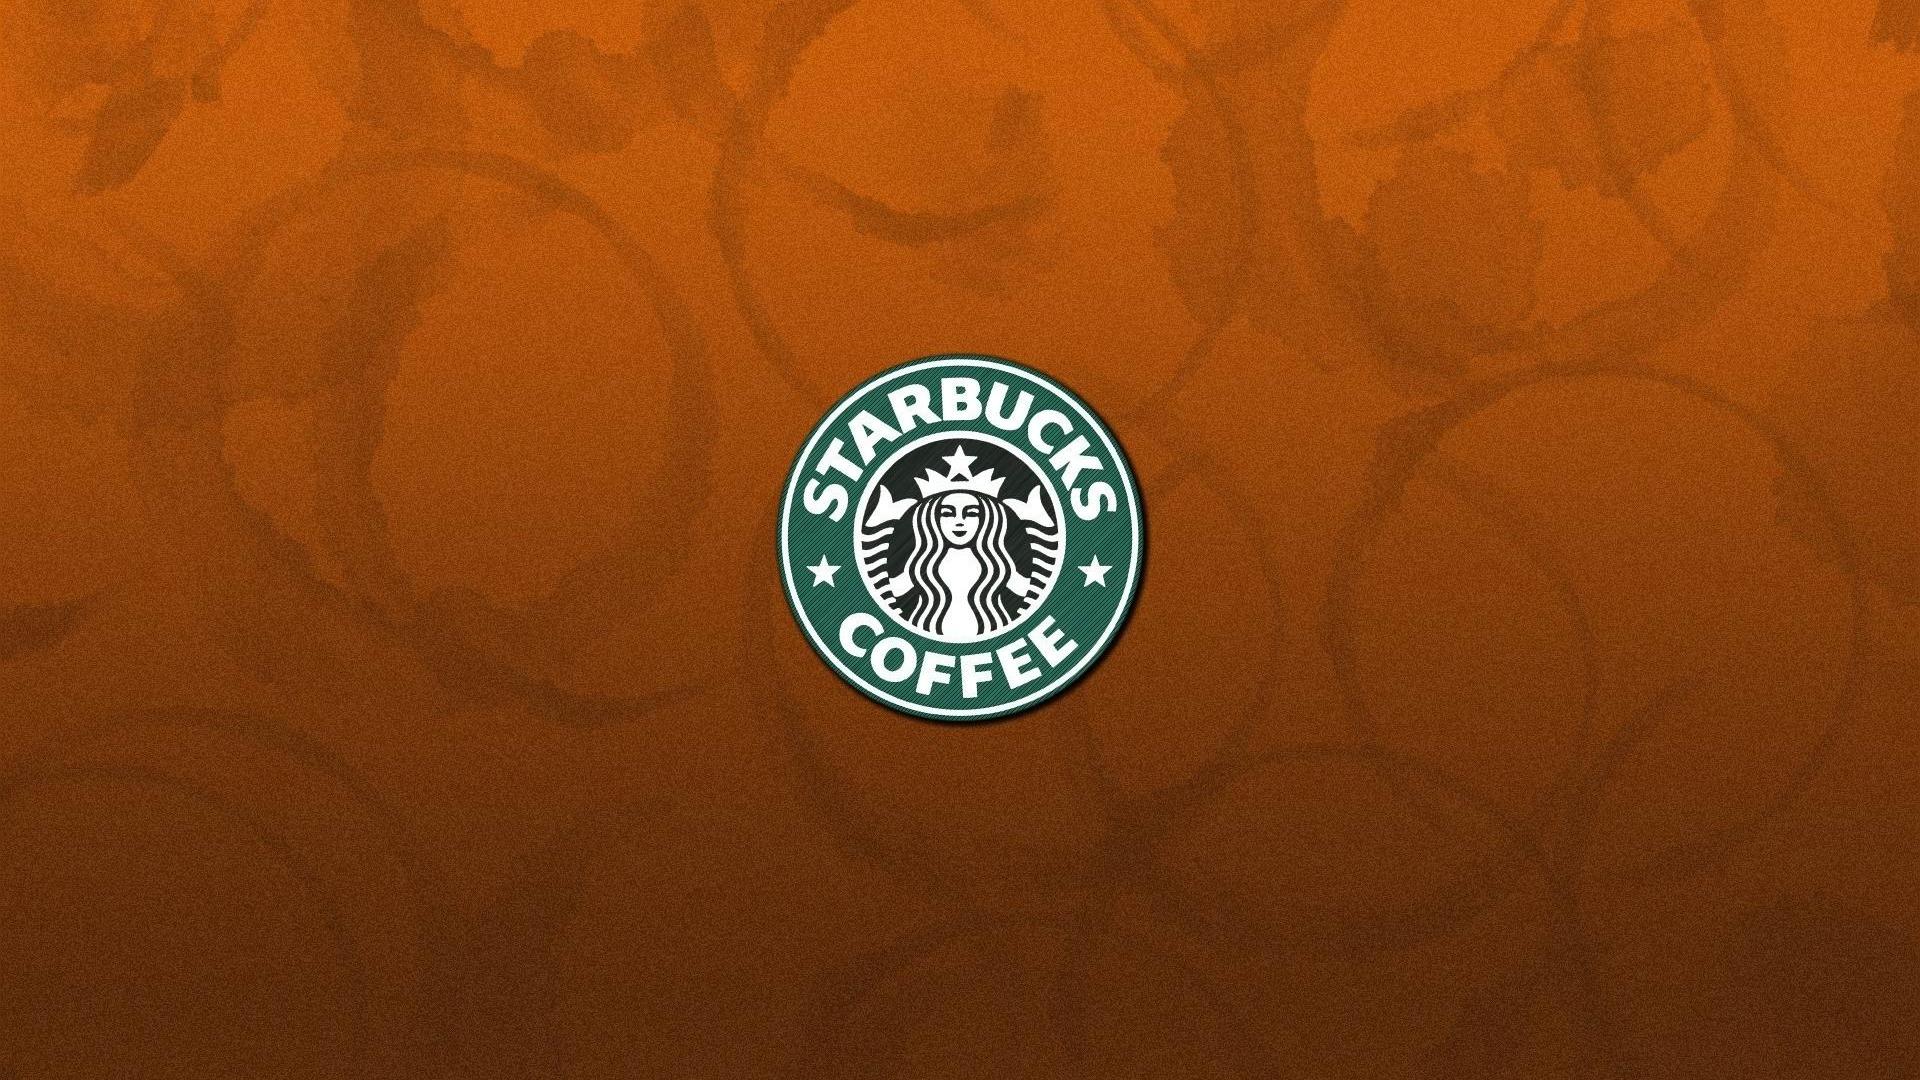 スターバックスコーヒー飲料のロゴ ブランド広告のhd壁紙プレビュー